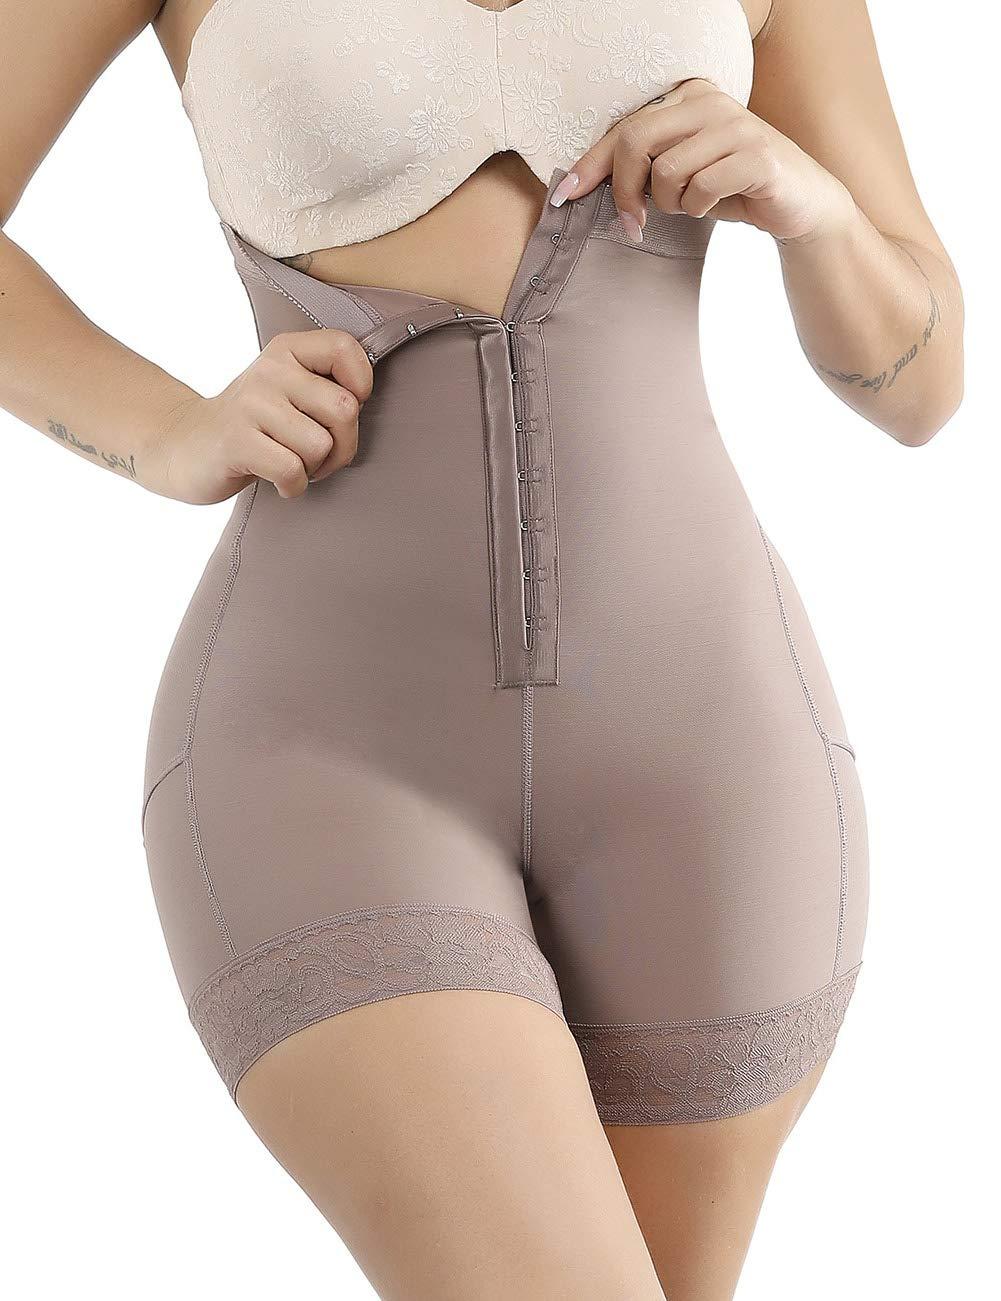 Sweetlover Women Shapewear Shaper Body Shaper Slimming Bodysuit Waistline with Long Leg Lace Hem Plus Size S-6XL